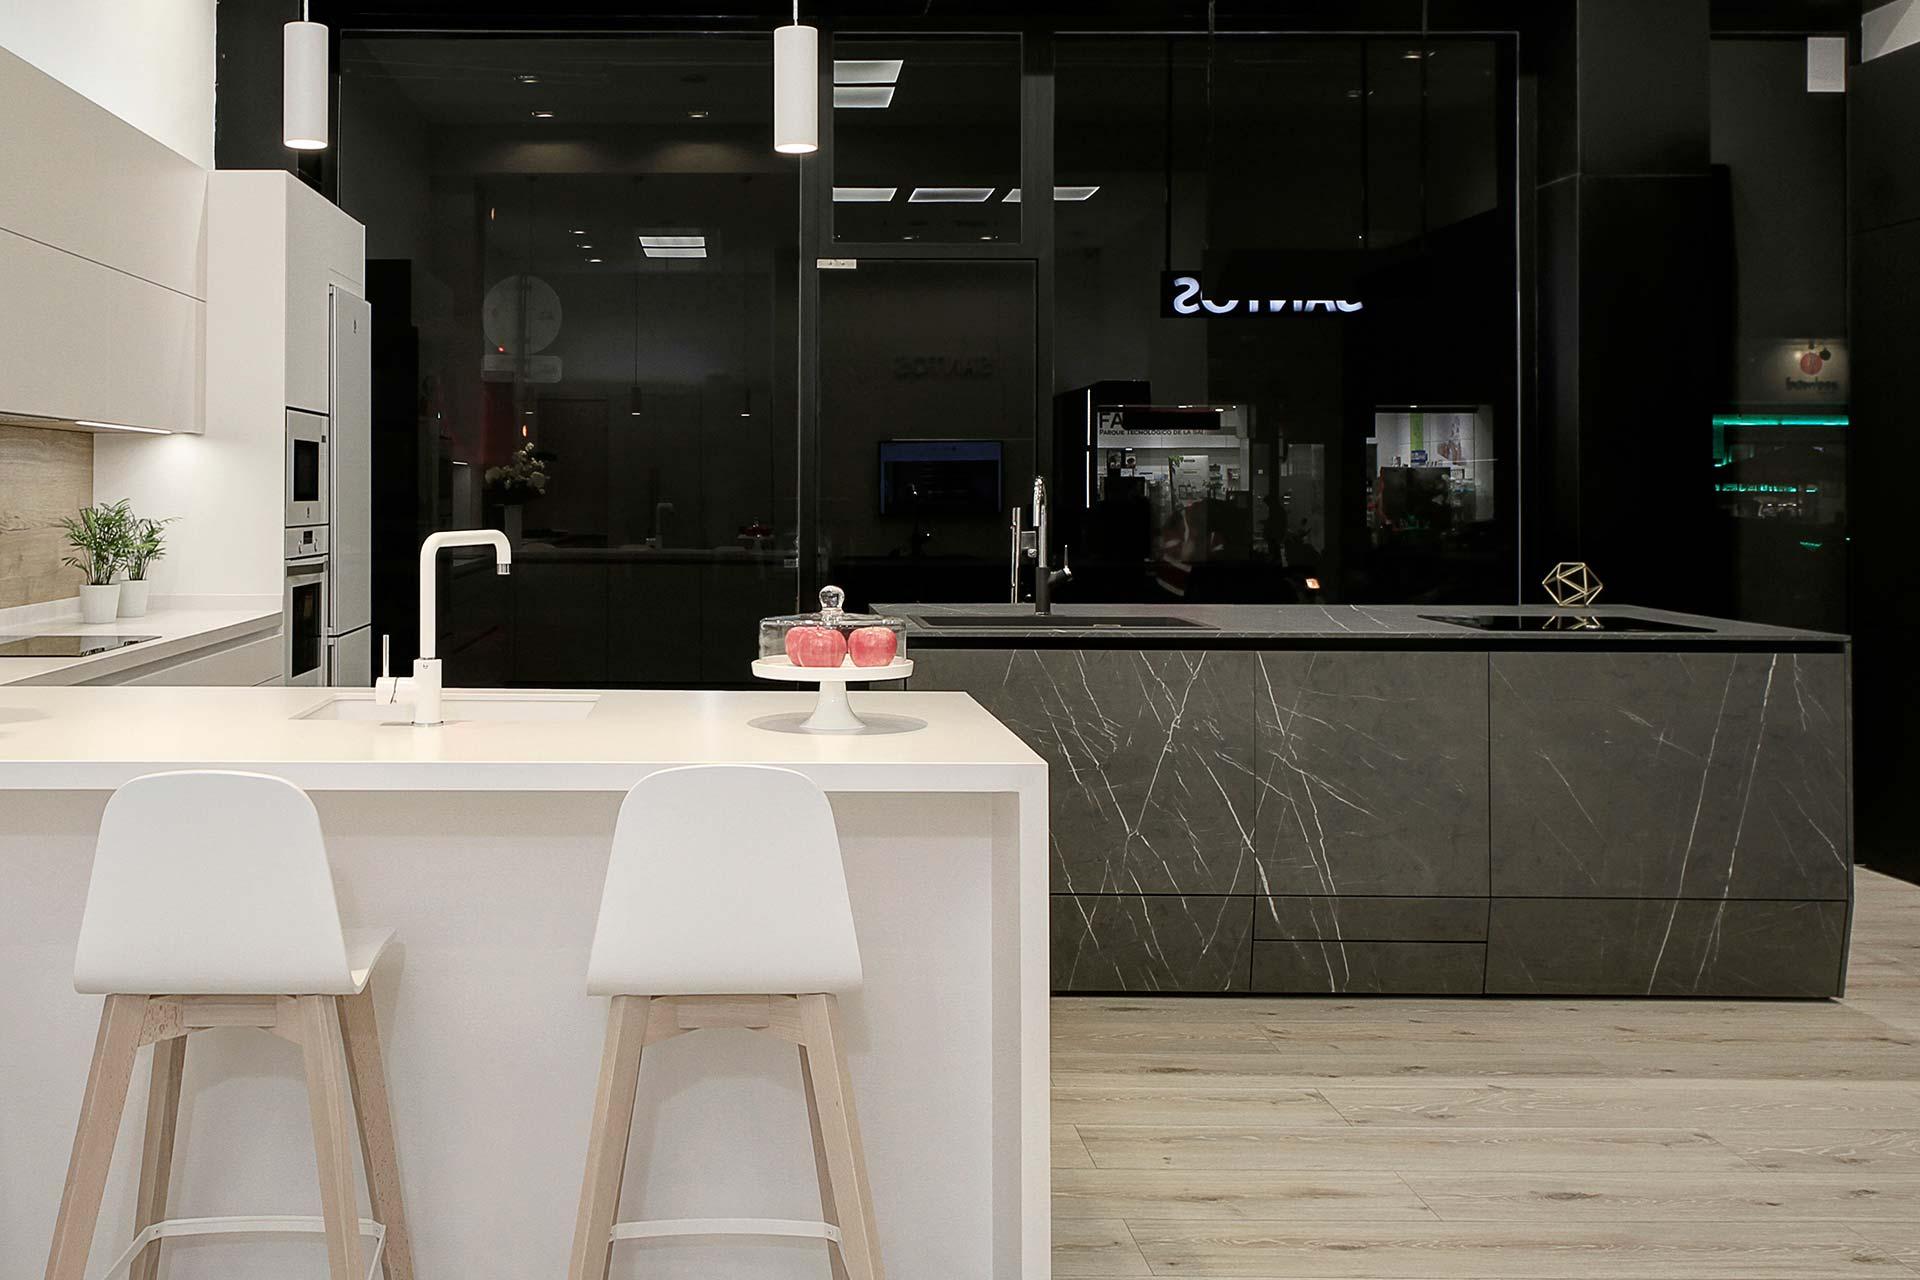 Estudio 7, nieuwe exclusieve keukenwinkel van Santos in Granada